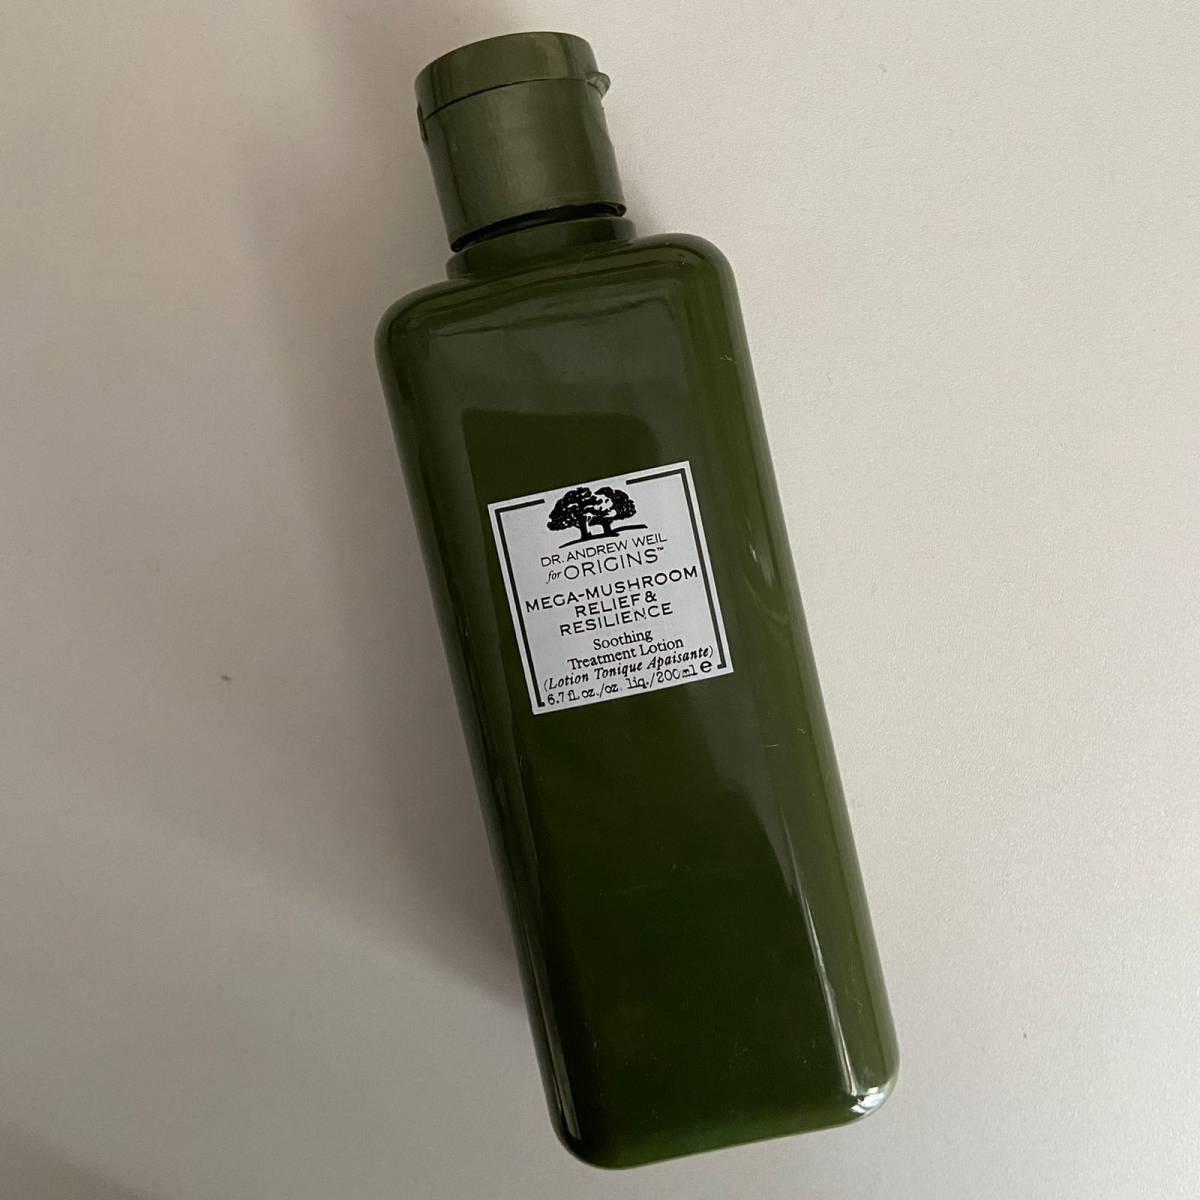 年度空瓶记No.13🥰菌菇水的正确用法你真的知道吗?  终